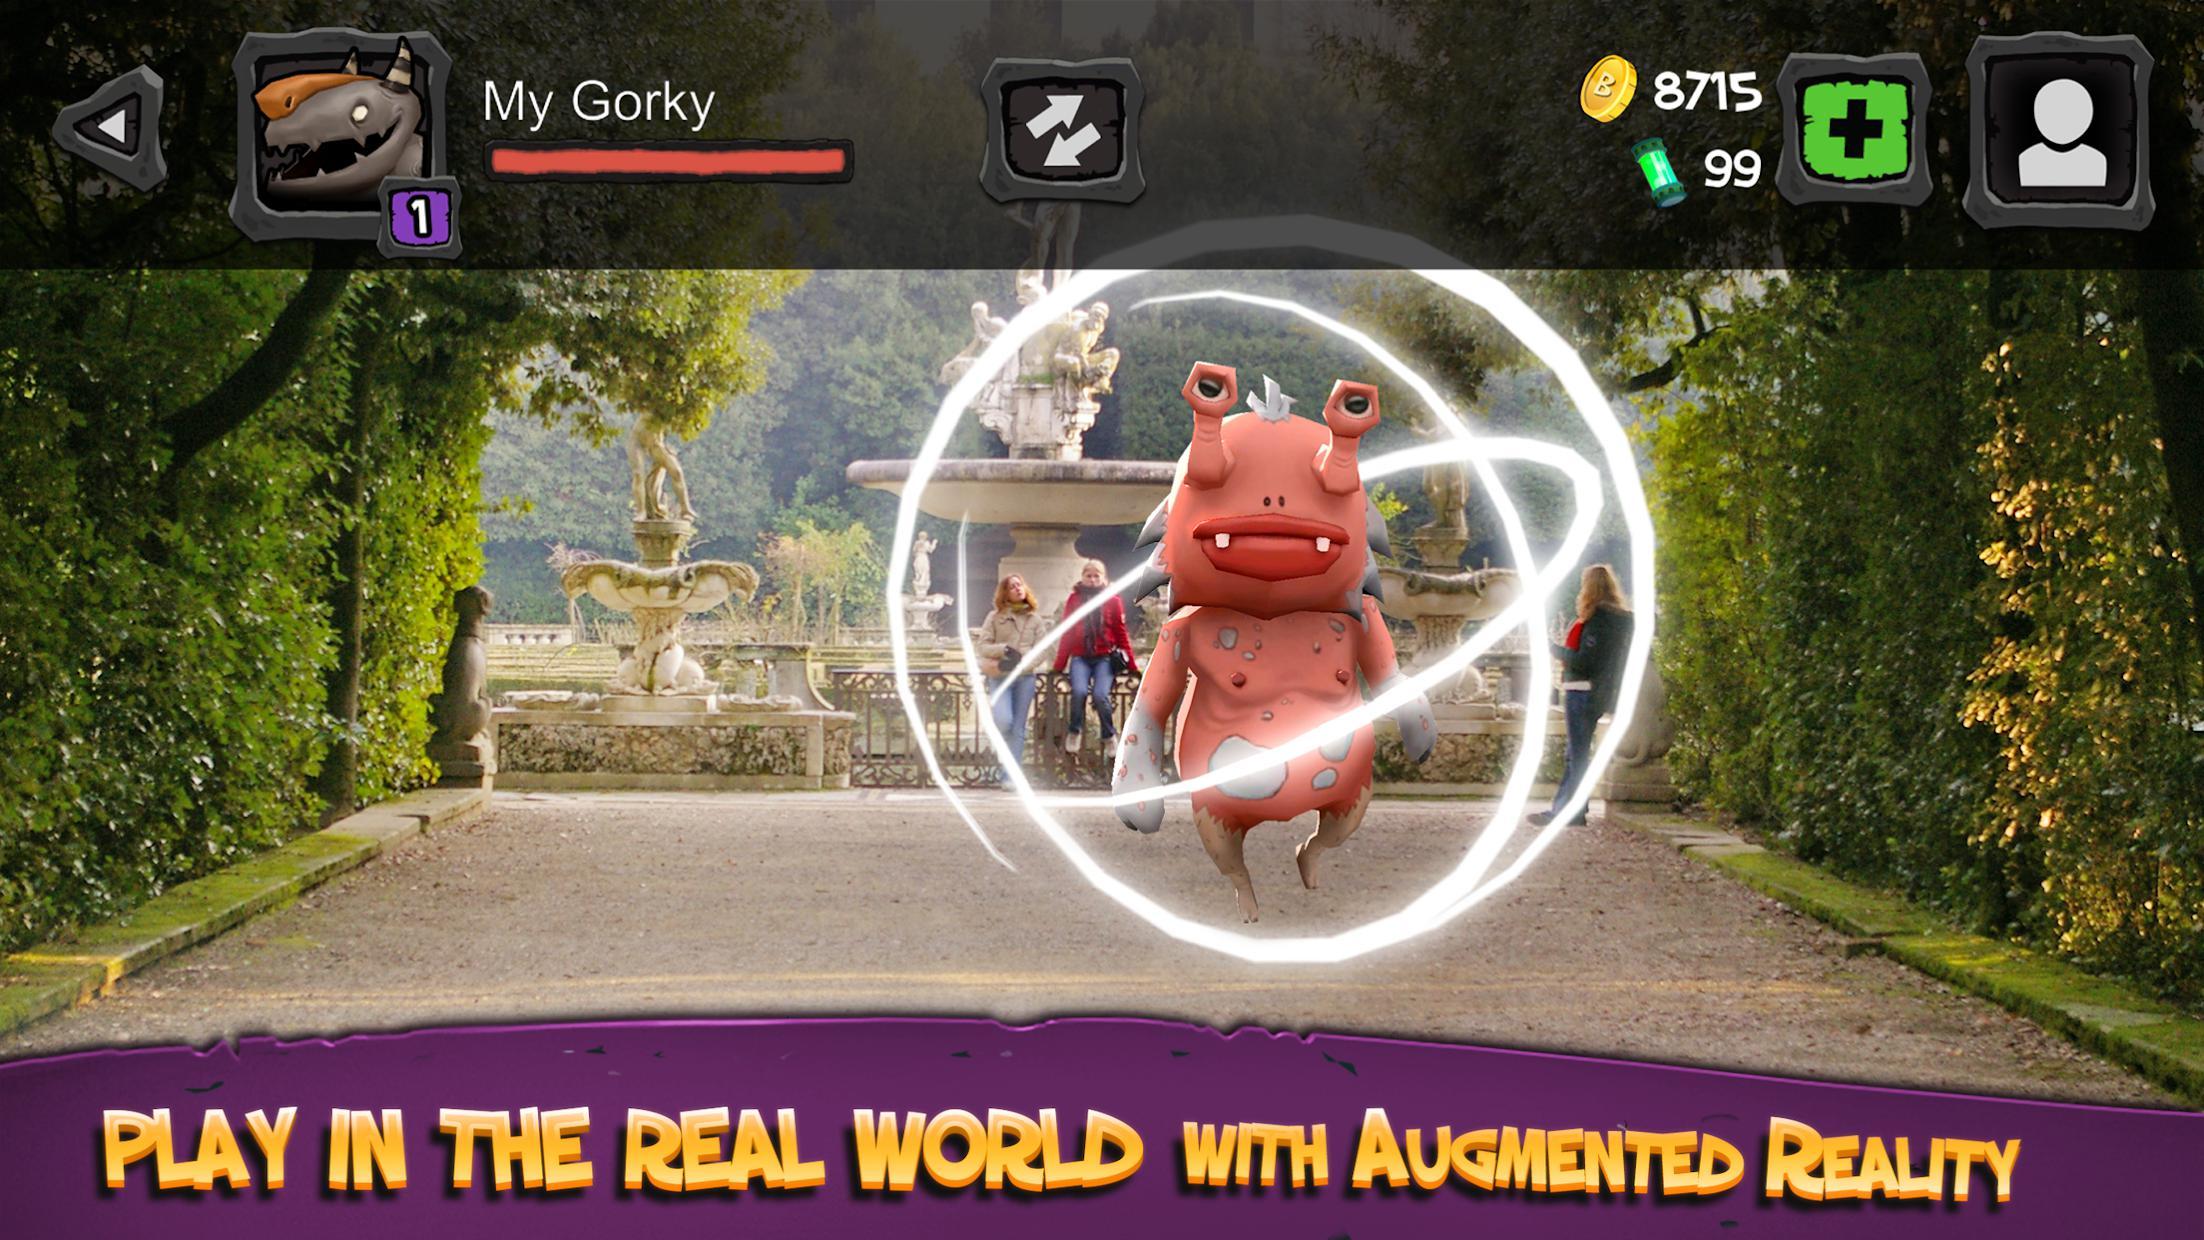 怪物巴斯特:入侵世界 游戏截图2